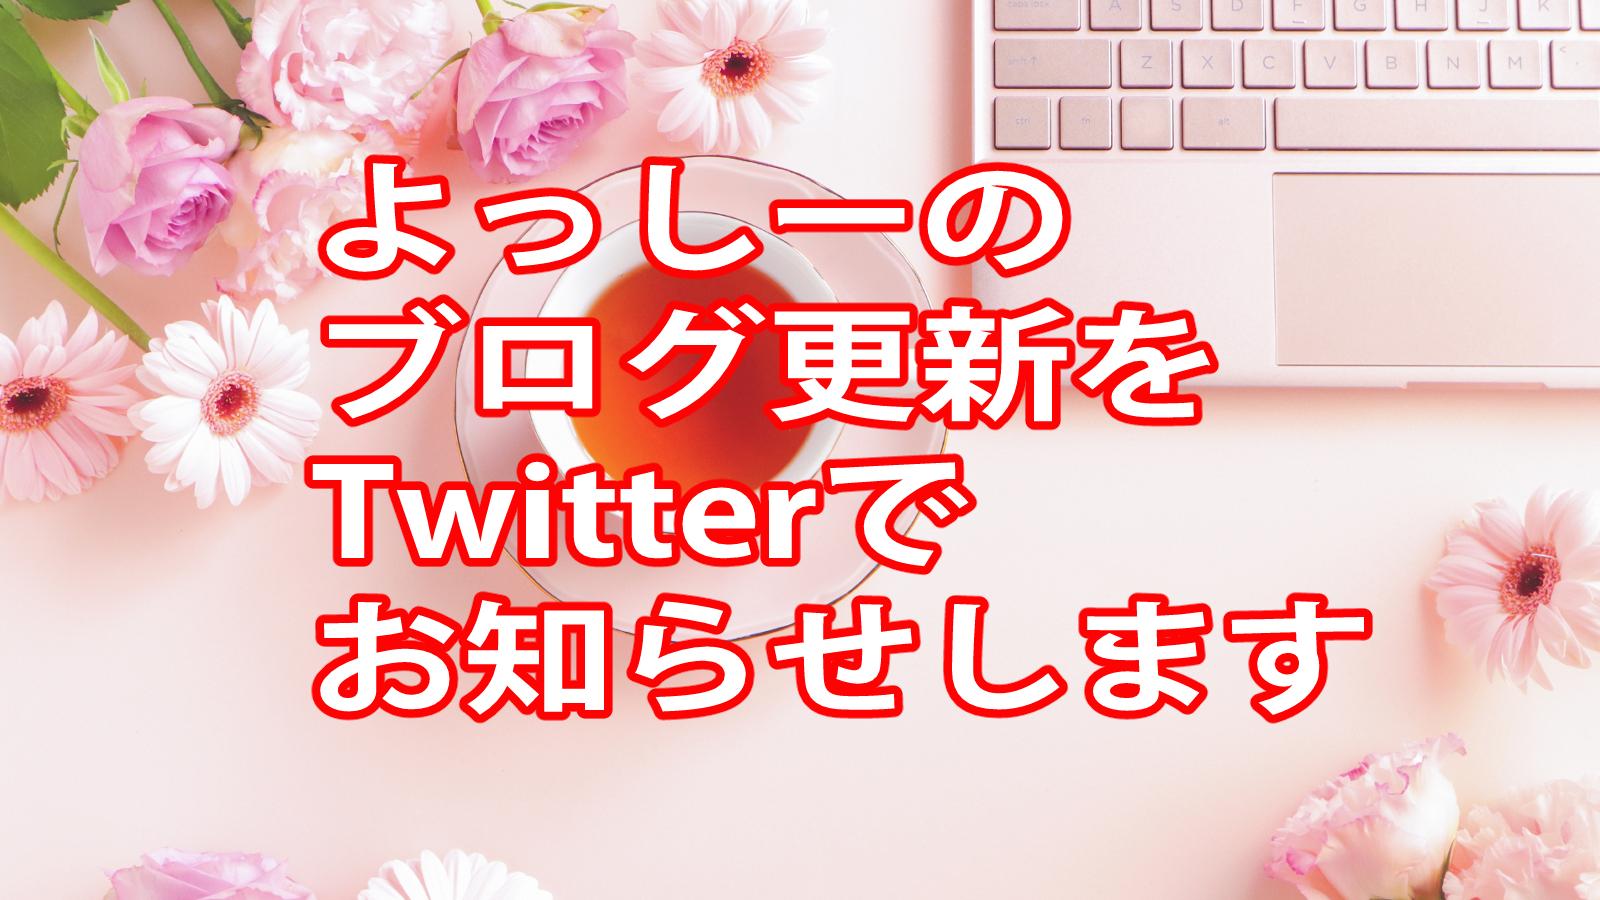 よっしーのブログの更新をTwitterでお知らせします